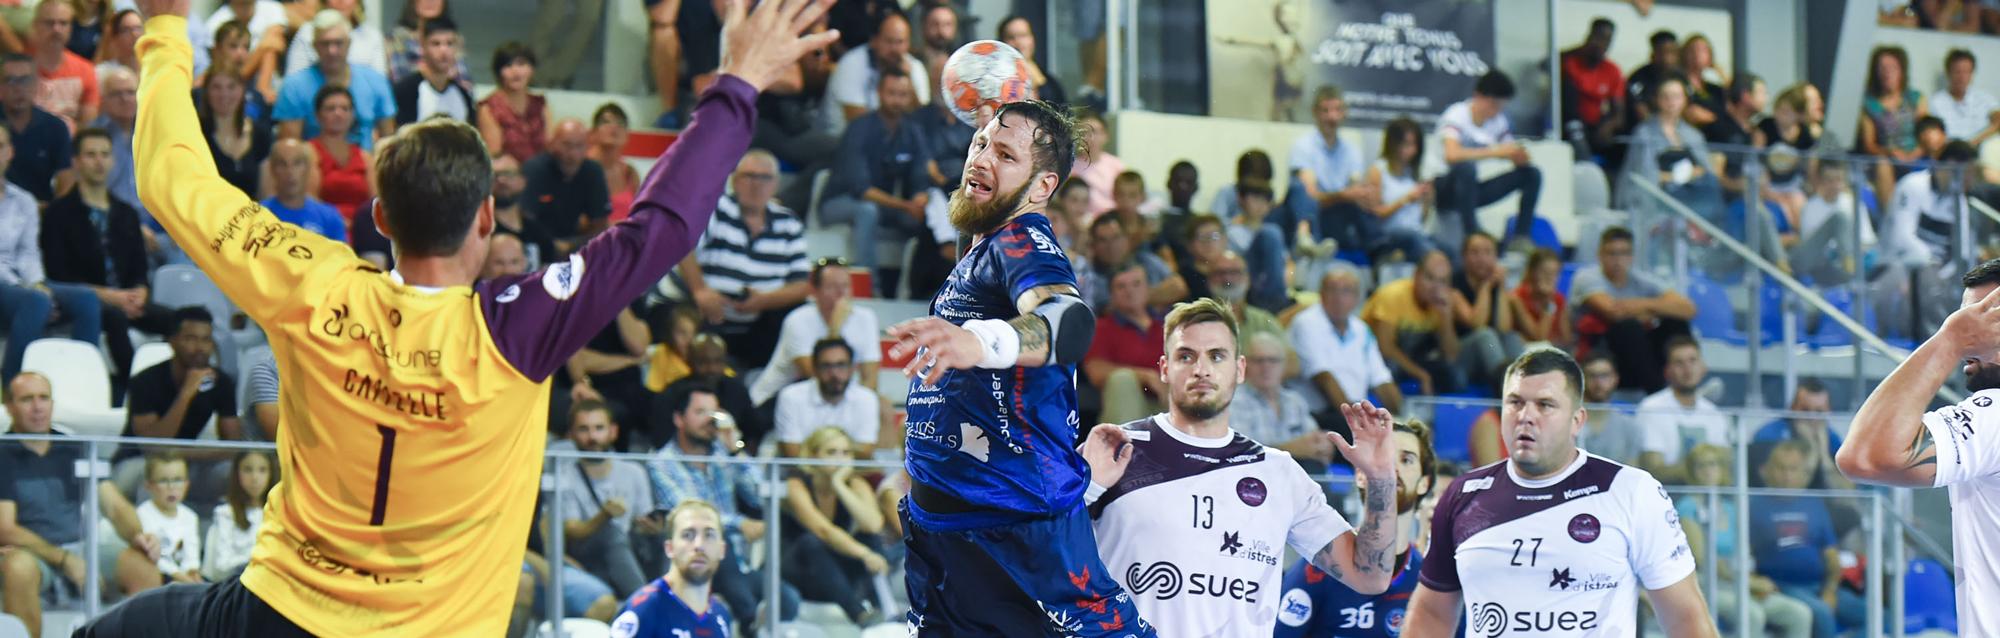 La semaine dernière, l'ambitieux LH87 s'est qualifié pour les 1/8èmes de finale de Coupe de la Ligue aux dépends d'Istres, Champion de Proligue la saison passée